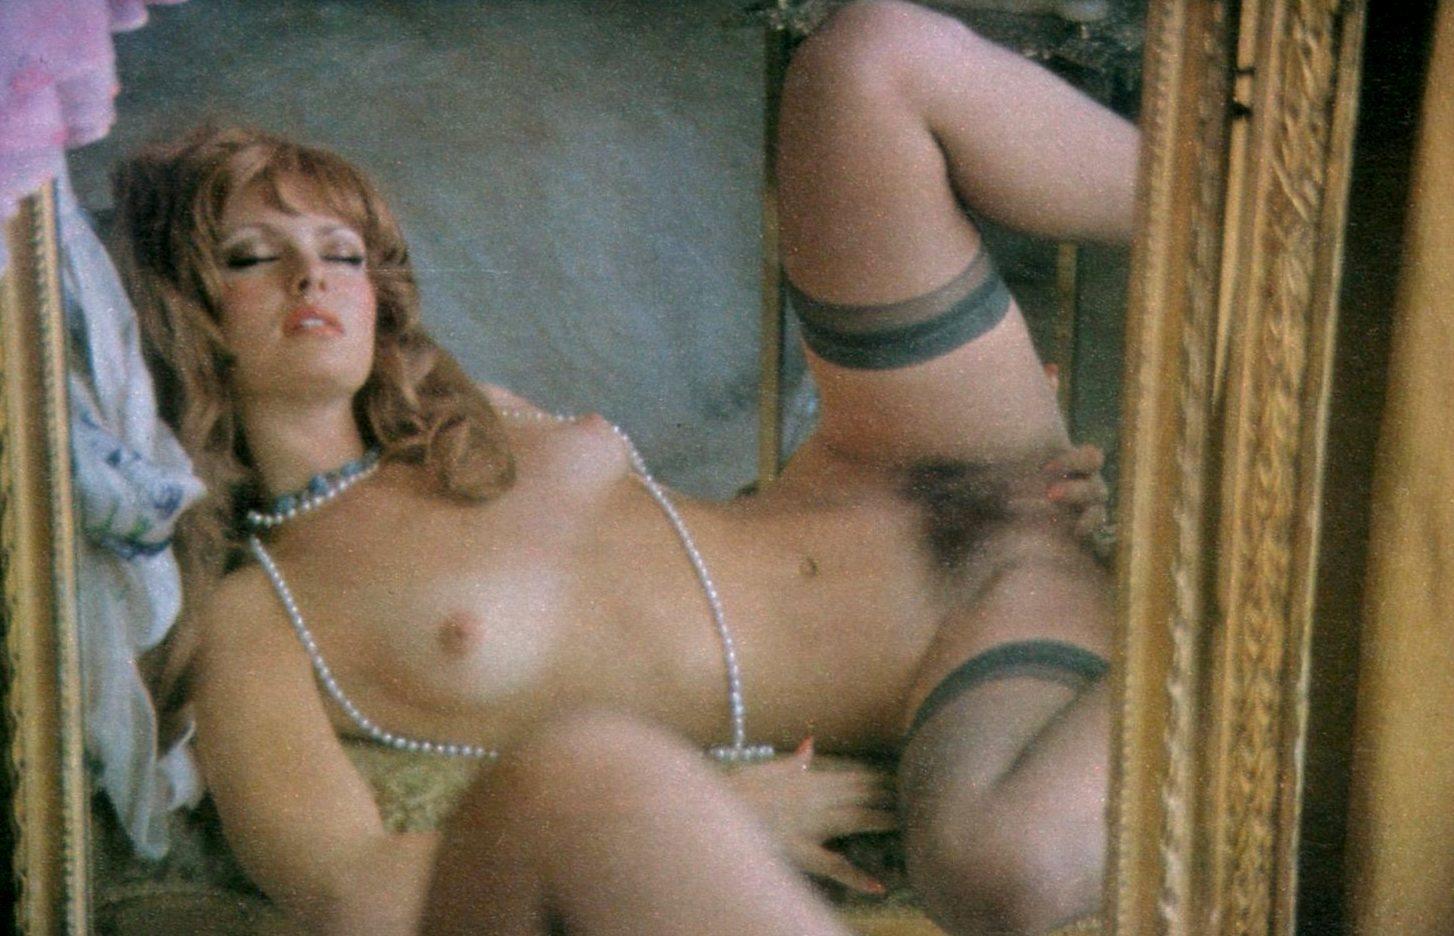 hiring a stripper